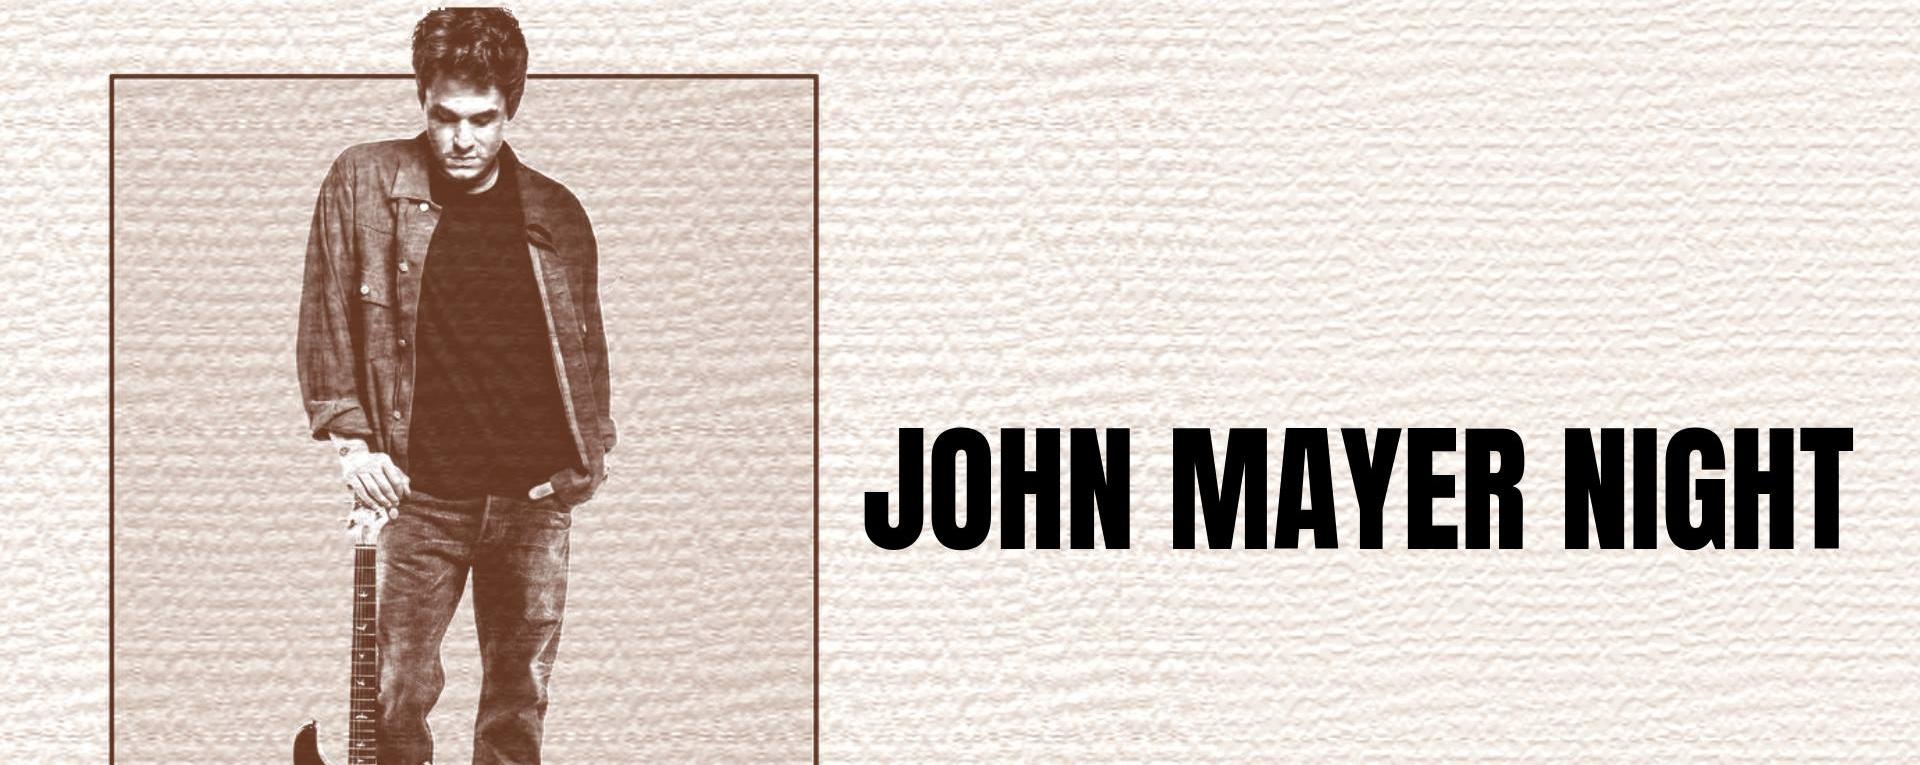 John Mayer Night